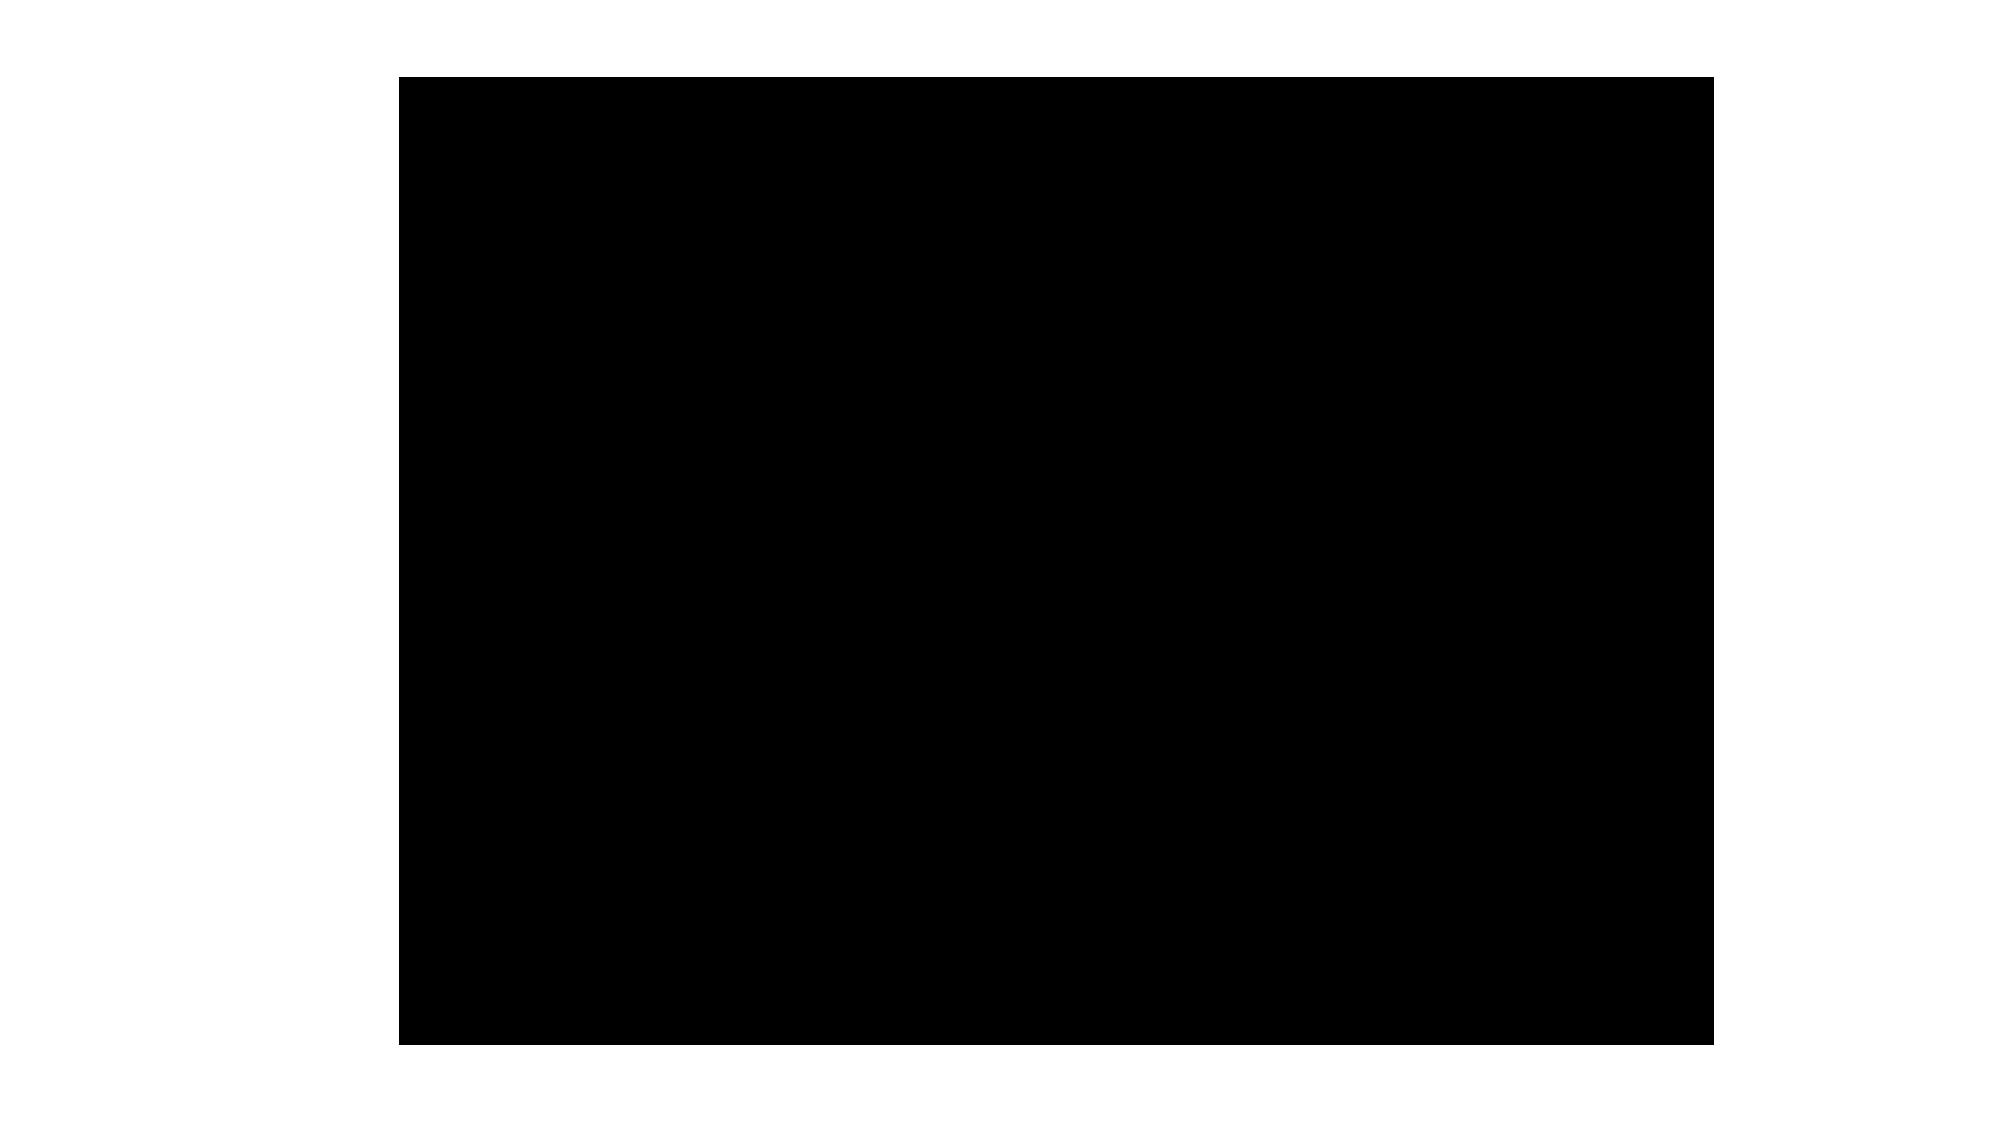 harald-martenstein-deutschland-kutteln